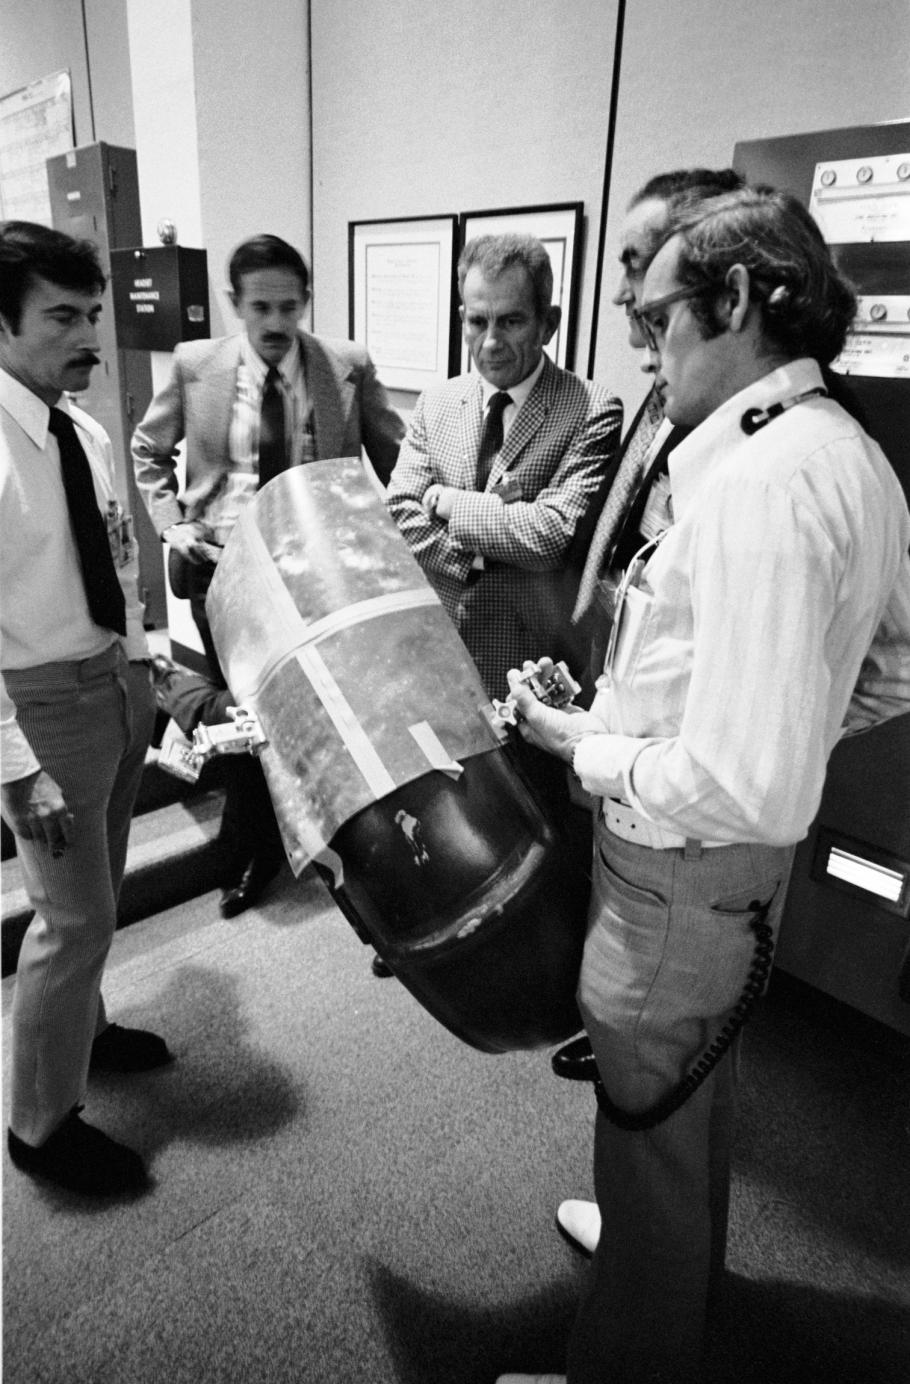 NASA Team Meet to Discuss LRV Repair